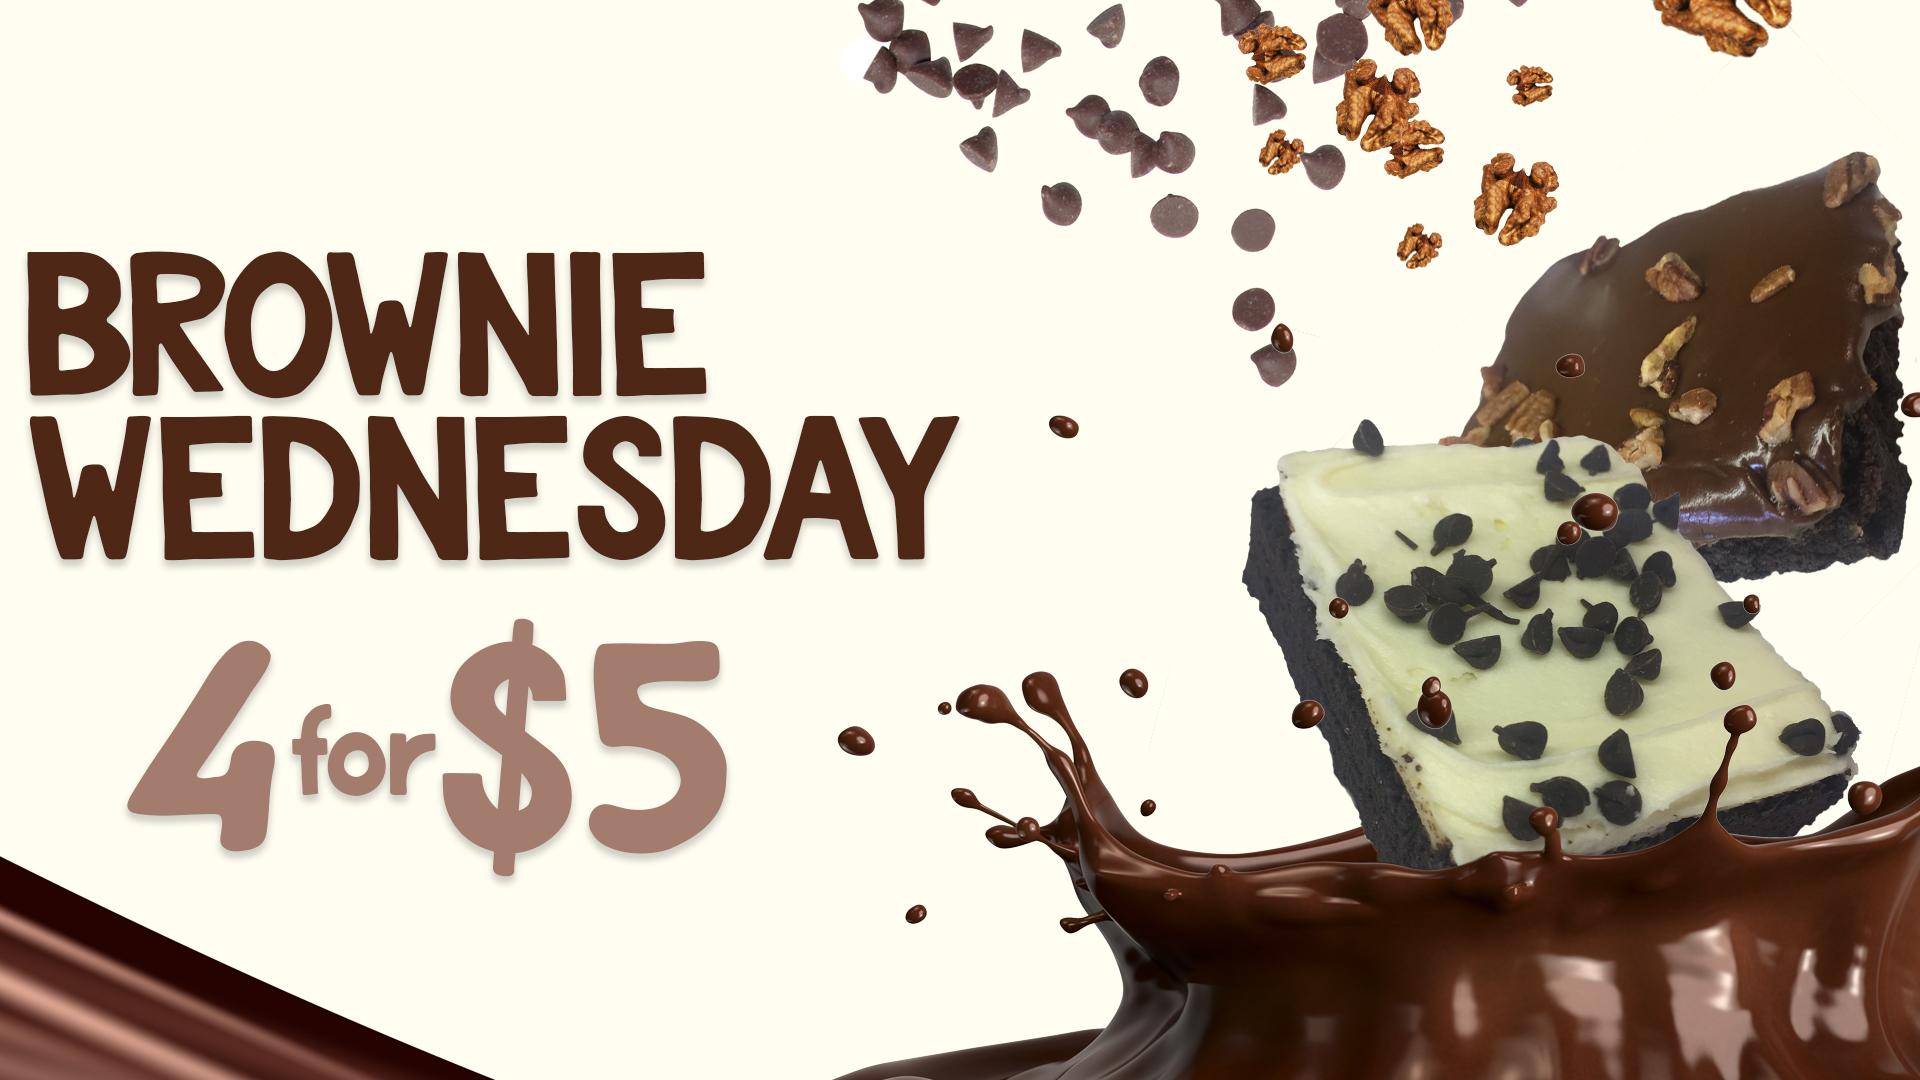 brownie_wednesday copy.jpg